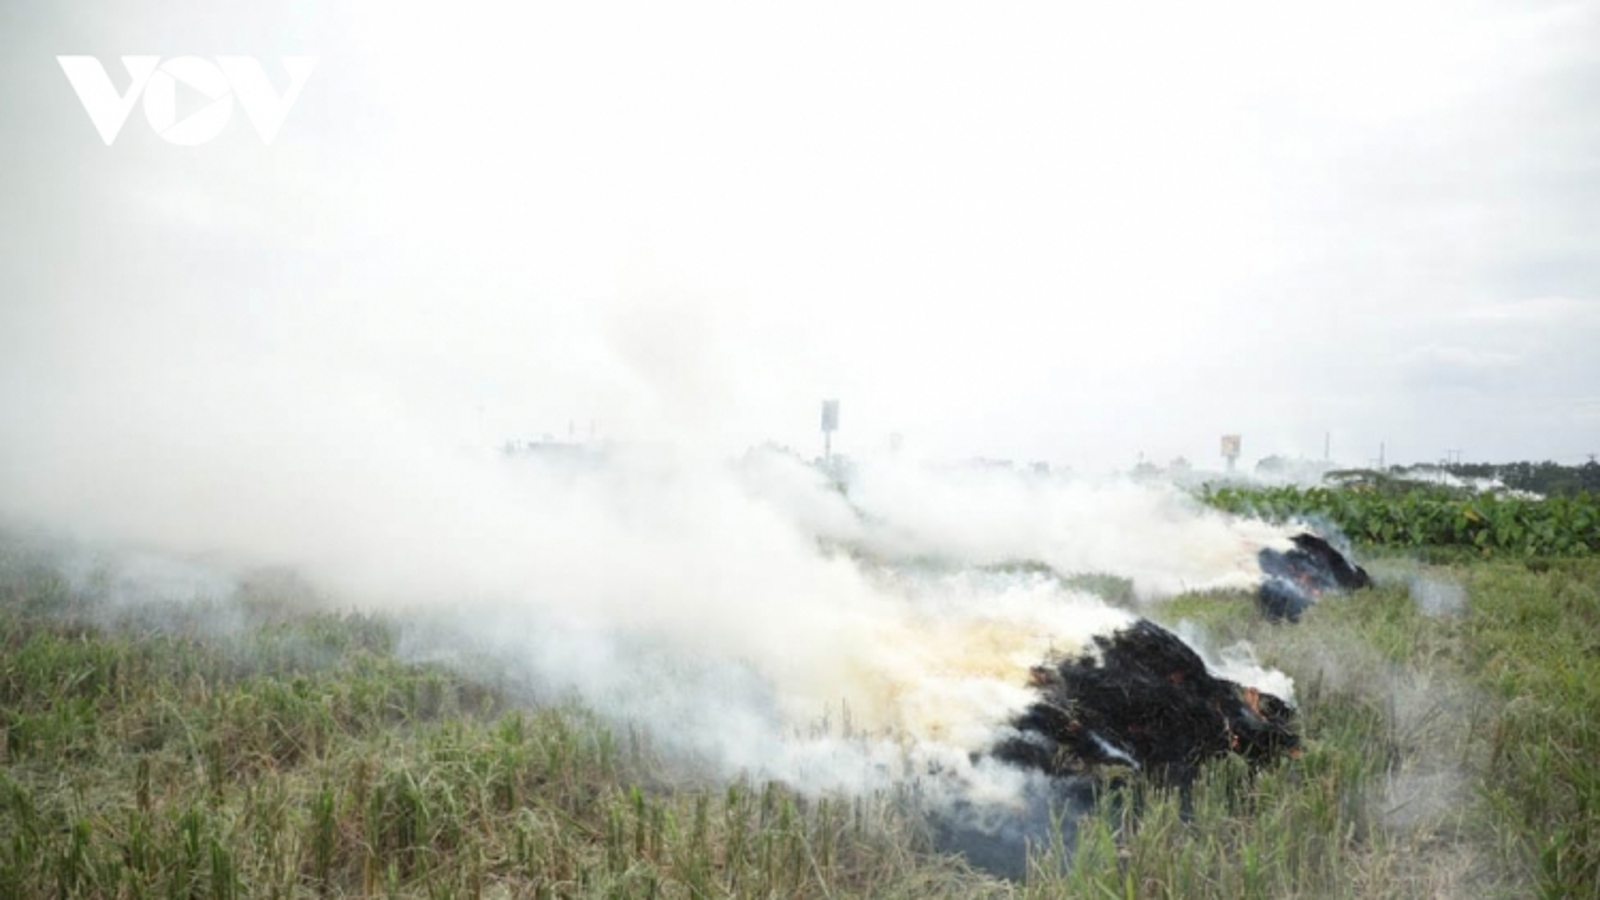 Đốt rơm rạ mỗi vụ ở Hà Nội phát sinh hơn 23.000 tấn CO2 và 163,3 tấn bụi mịn PM2.5